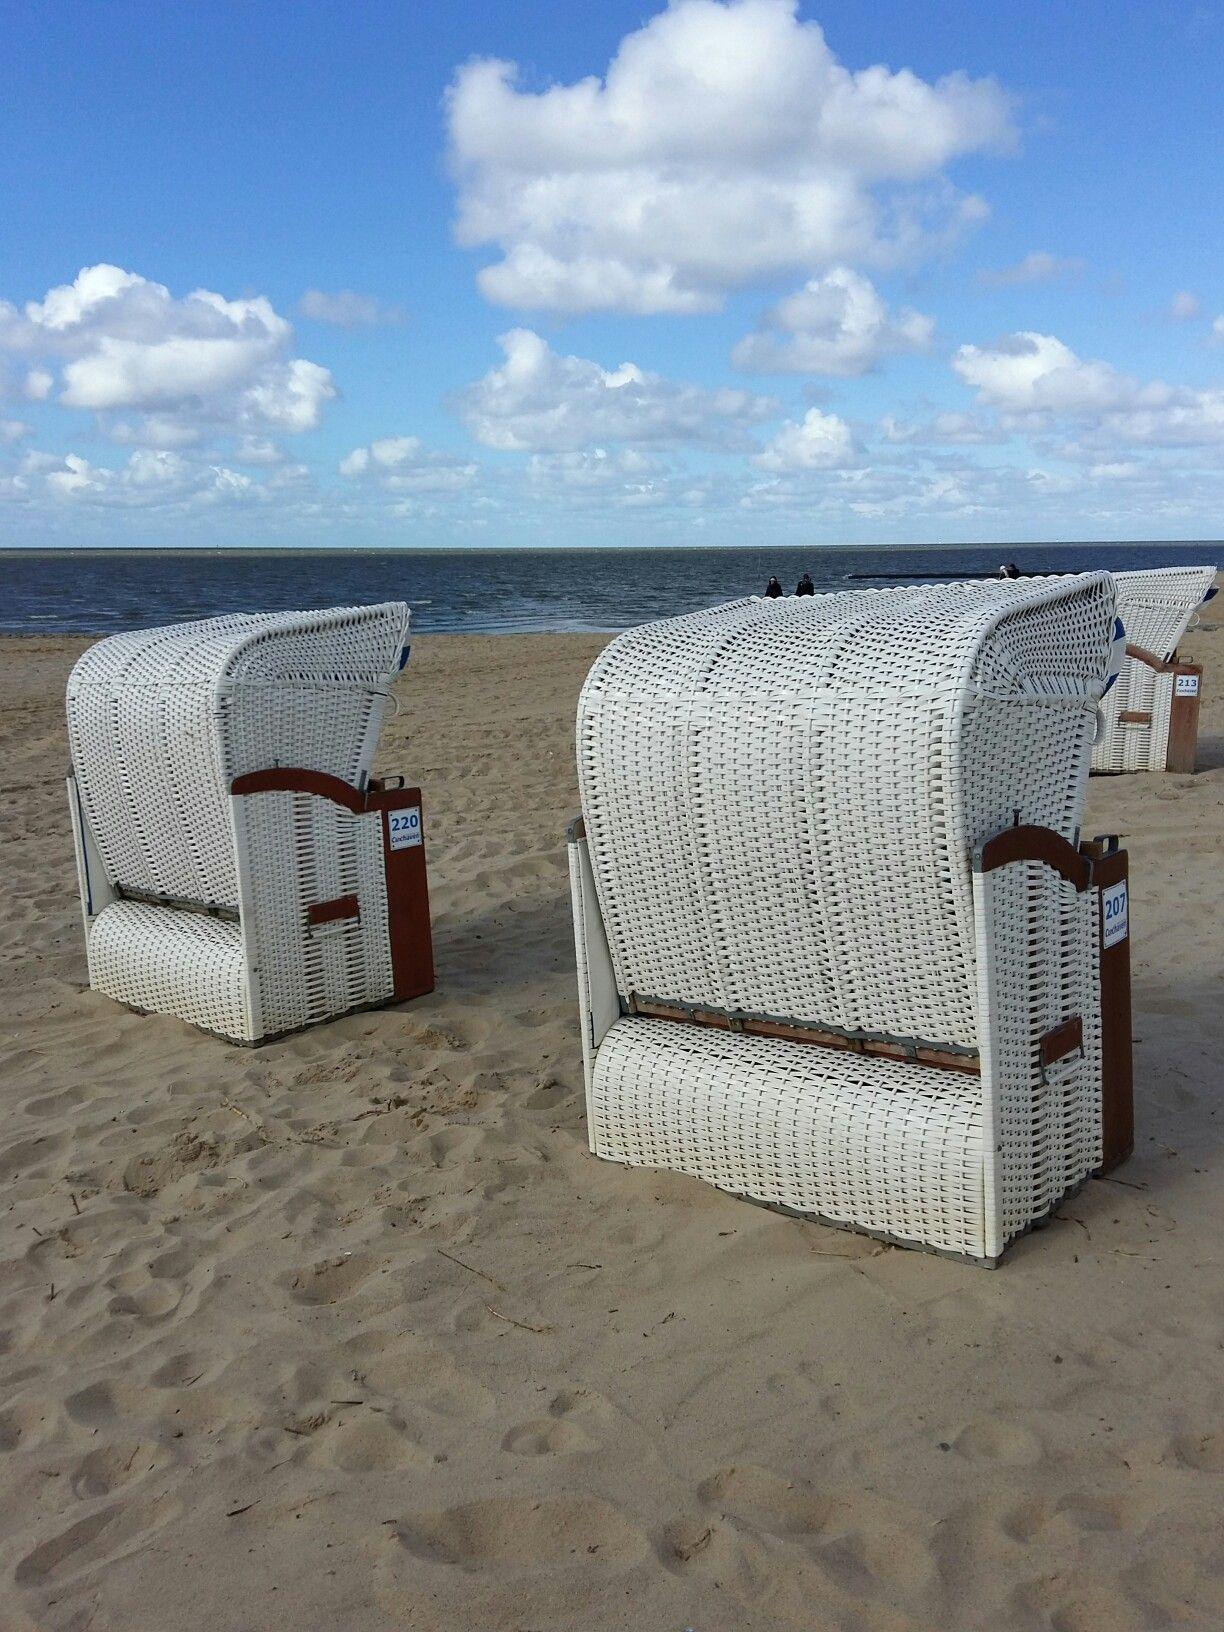 Pin Von Ela H Auf Cuxhaven Cuxhaven Fotos